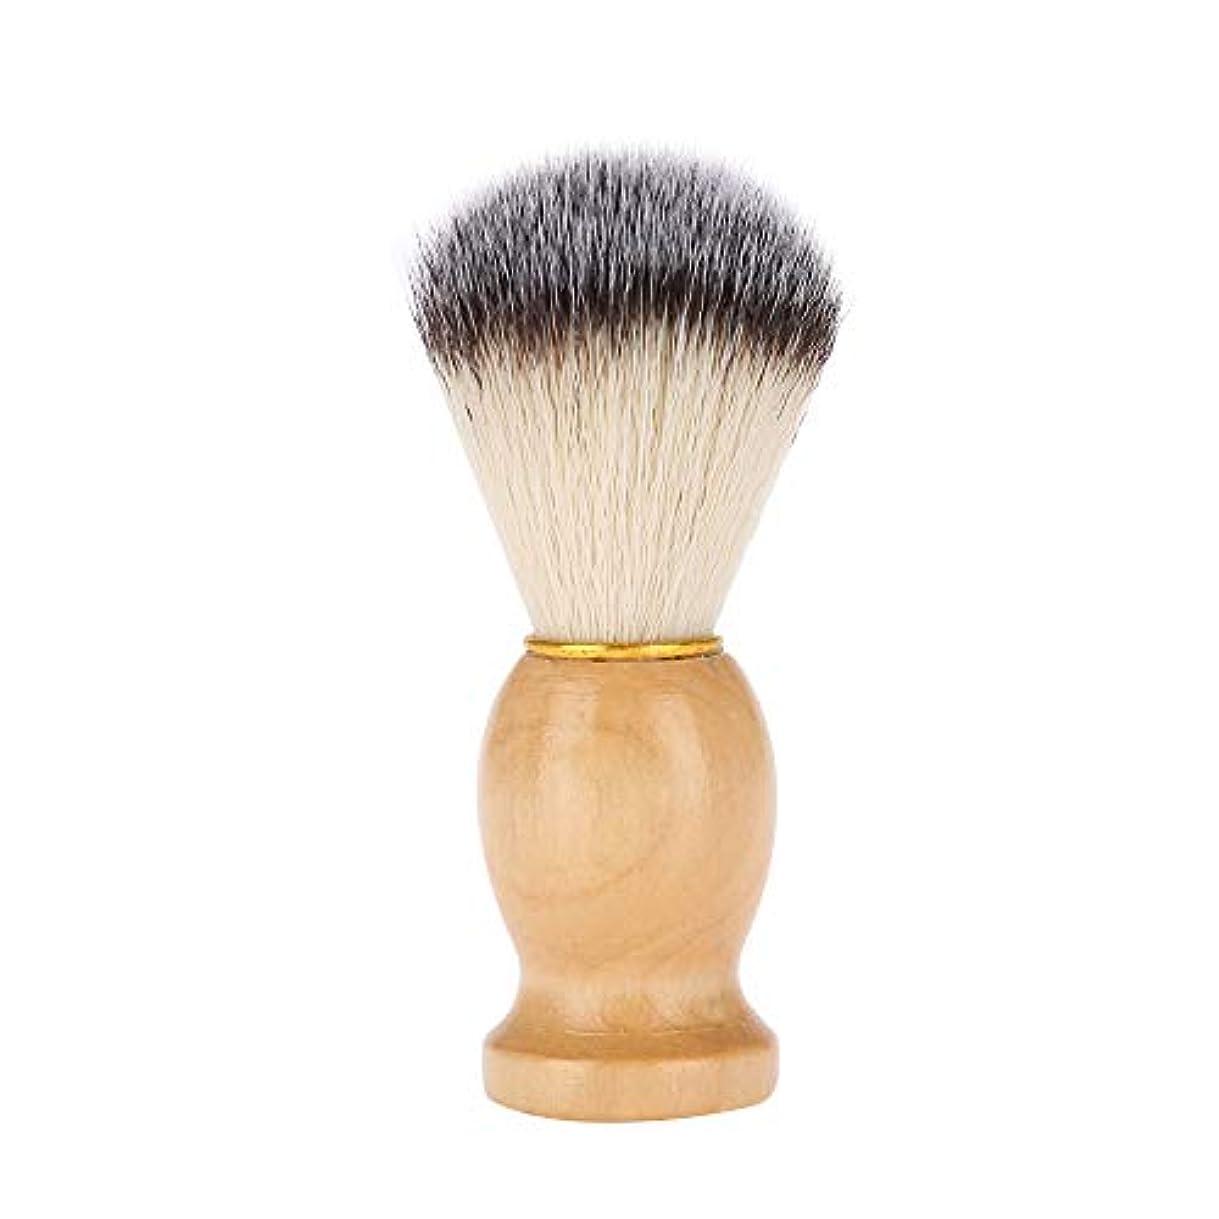 俳句最後に見えるシェービングブラシ 髭剃りブラシ 木製ハンドル+繊維毛 泡立て ひげ剃りツール メンズ理容ブラシ